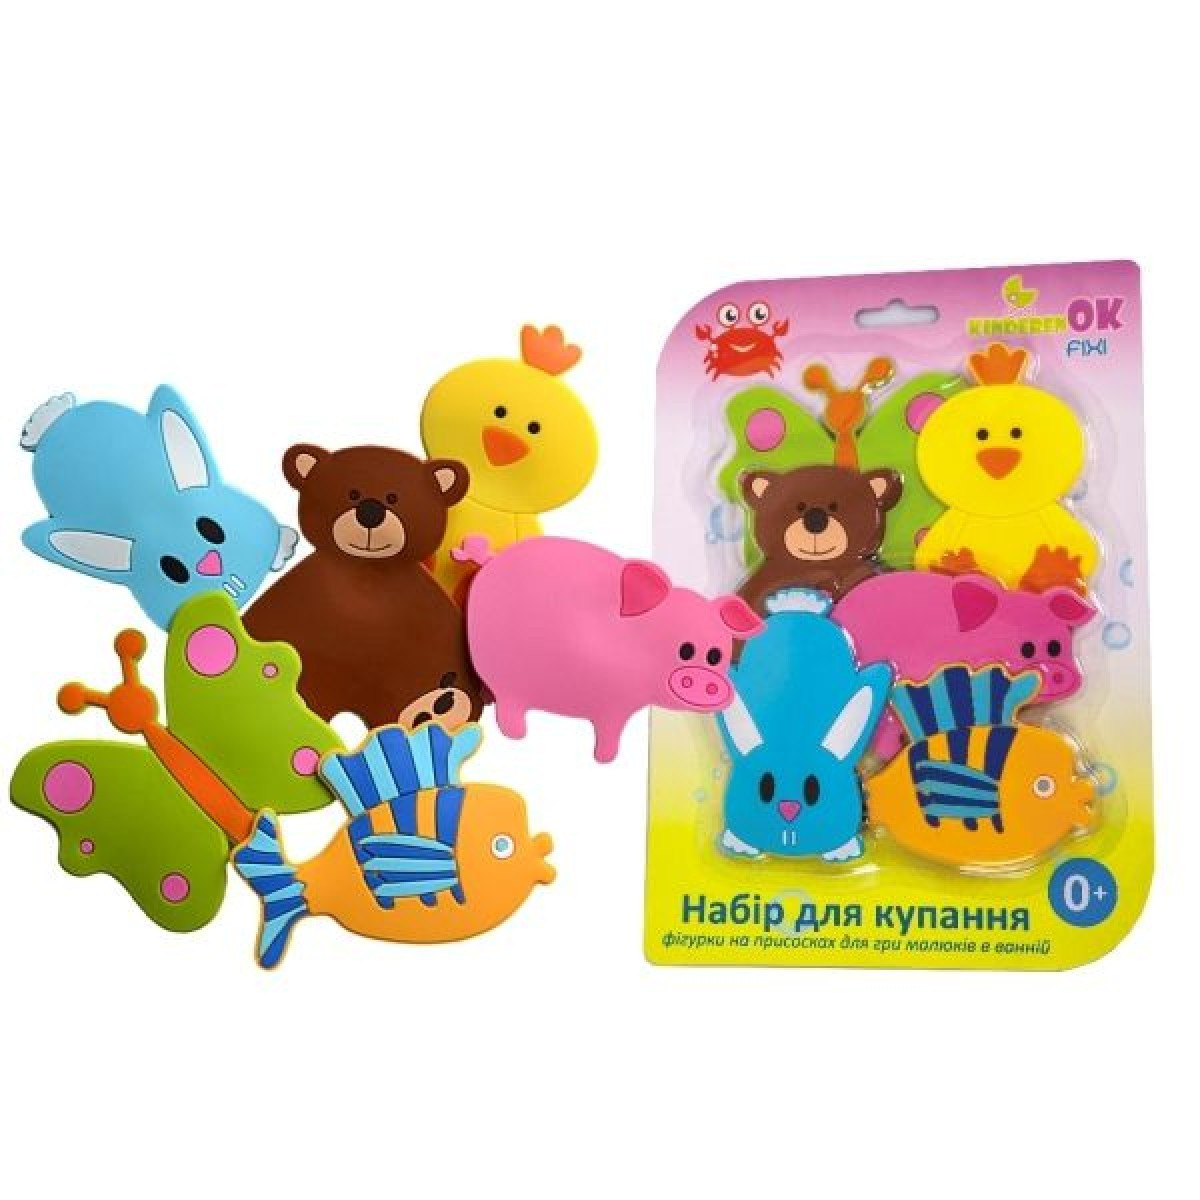 Набор игрушек для купания на присосках Kinderenok Fixi